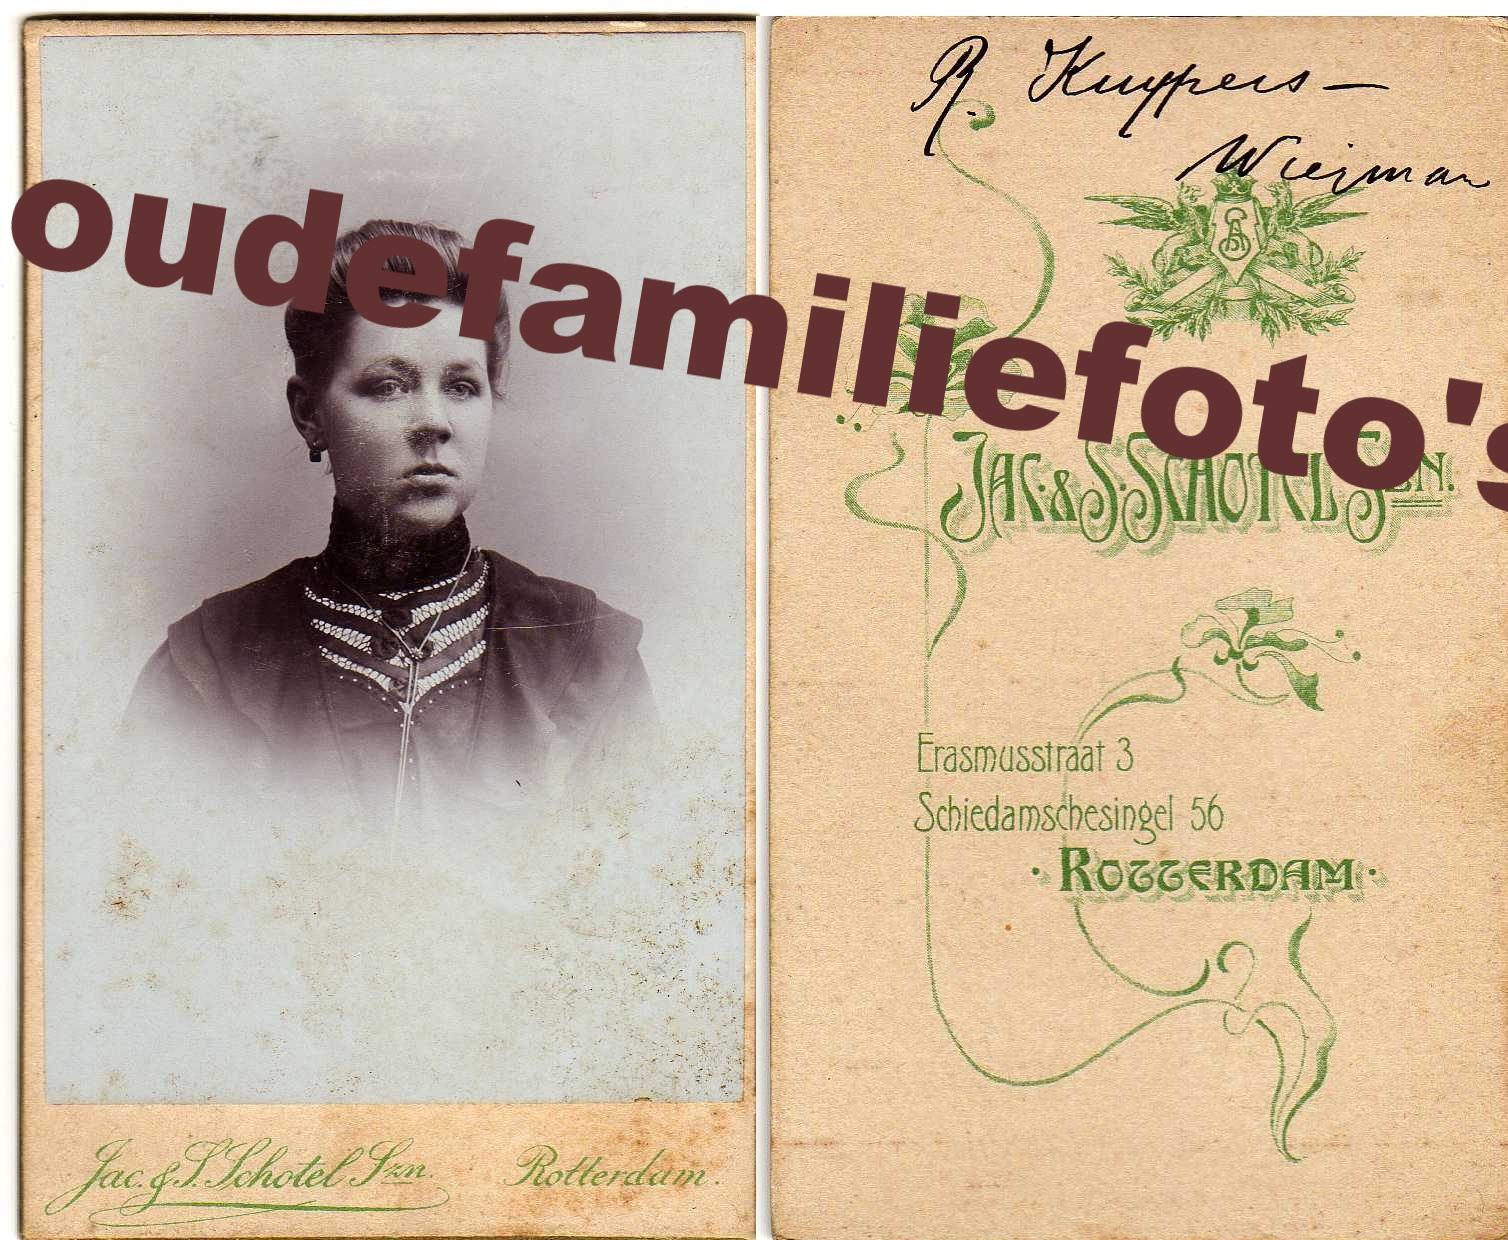 Wiegman, Roelofje. geb: 01-12-1881 's-Hertogenbosch. gehuwd 11-8-1908 met Berthus Kuypers. € 3,00